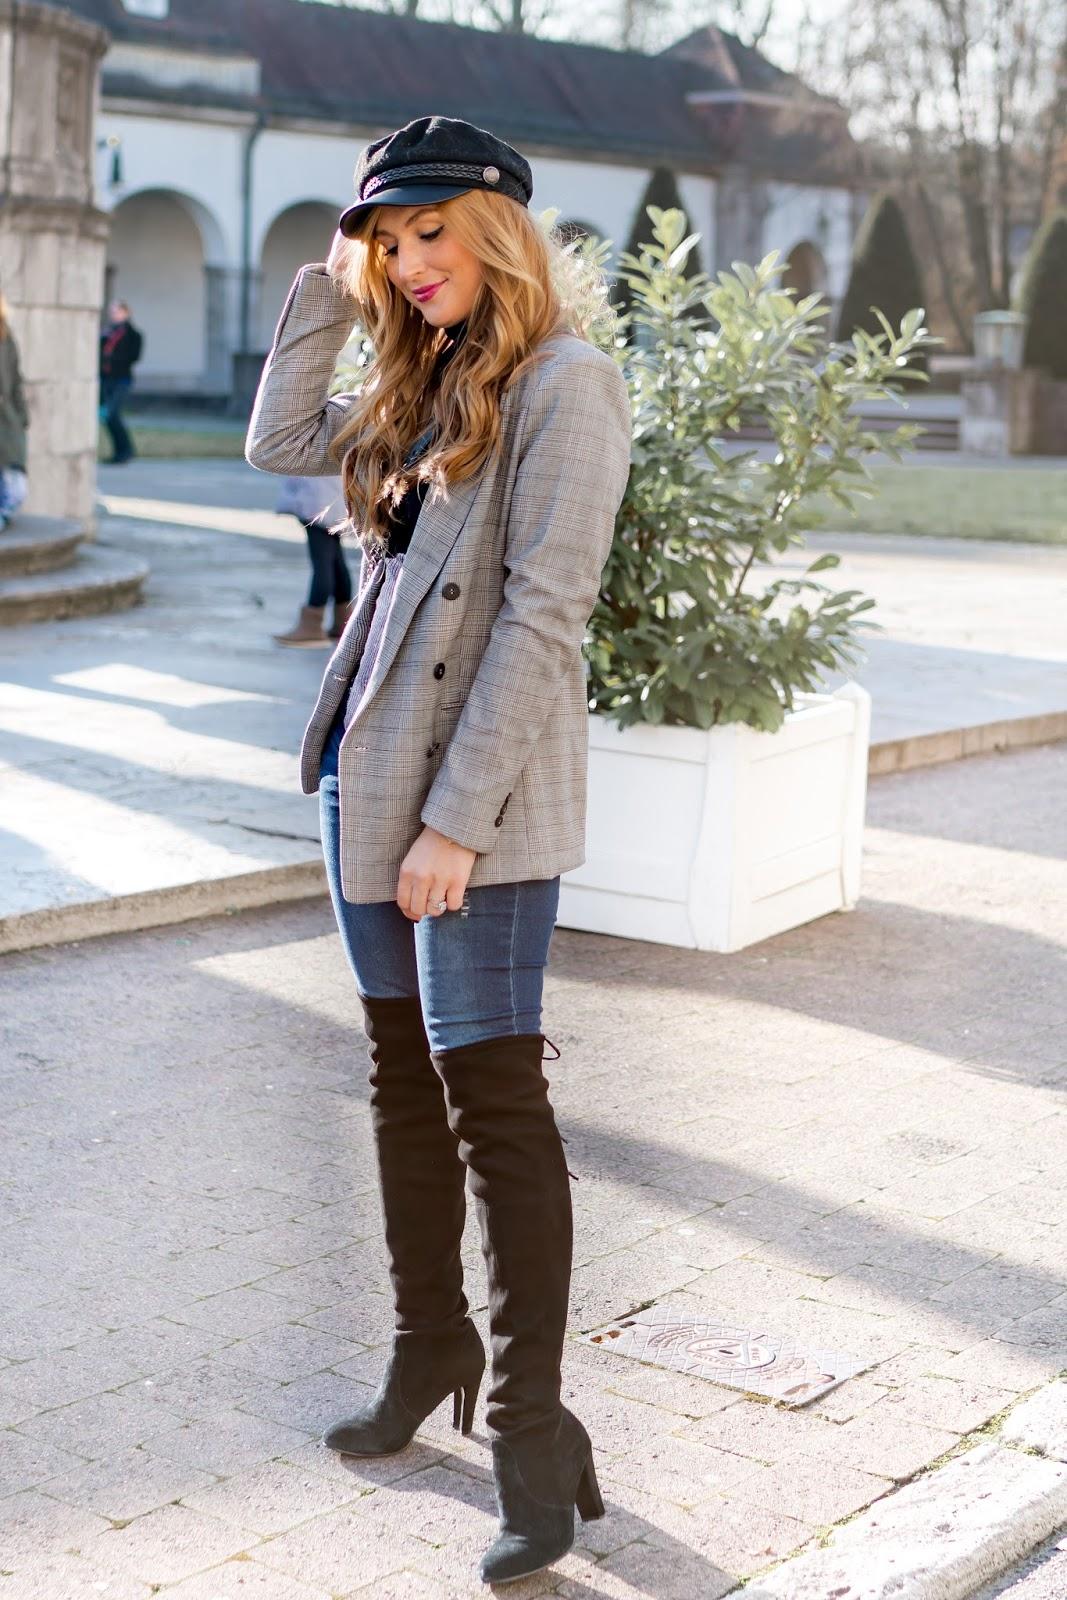 Chanel-boybag-chanel-tasche-Stusart-weitzmann-stiefel-Stuart-weitzmann-overknees-Karo-Blazer-H&M-Trend-Schiffermütze-fashionblogger-style-fashionstylebyjohanna-trends-2018-wa-zieht-man-dieses-jahr-an-schiffermütze